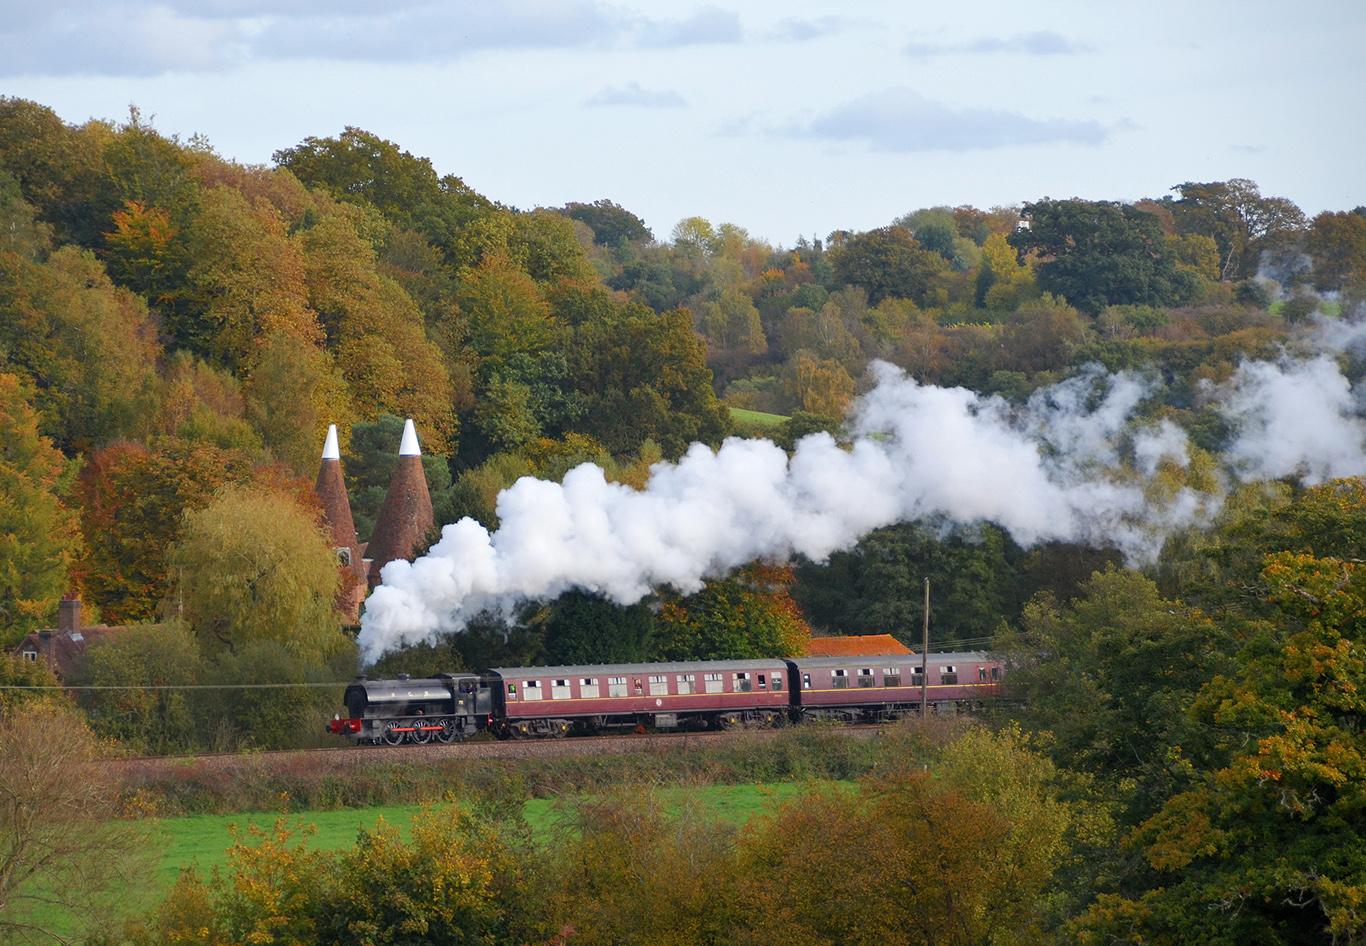 Spa Valley Railway Rural Steam